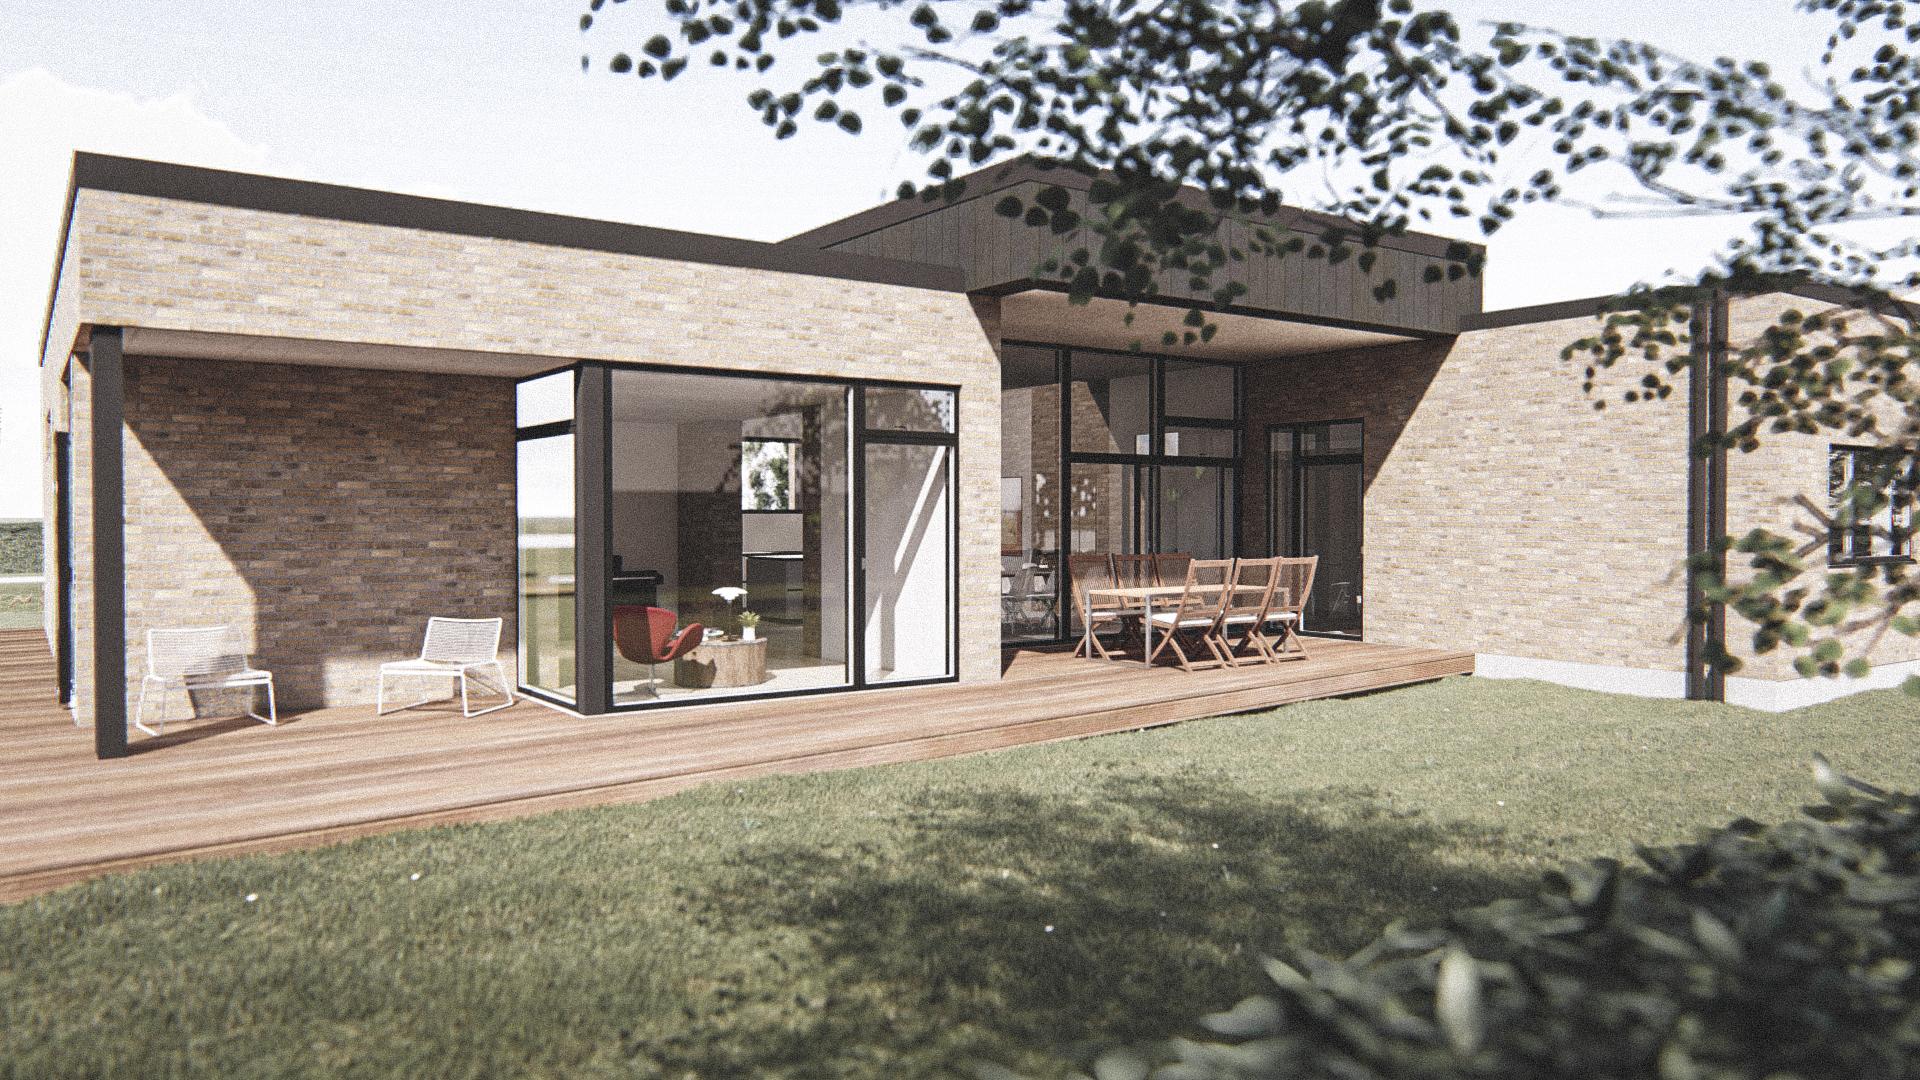 Billede af Dansk arkitekttegnet 1 plan villa af arkitektfirmaet m2plus, i Herning på 238 kvartratmeter.